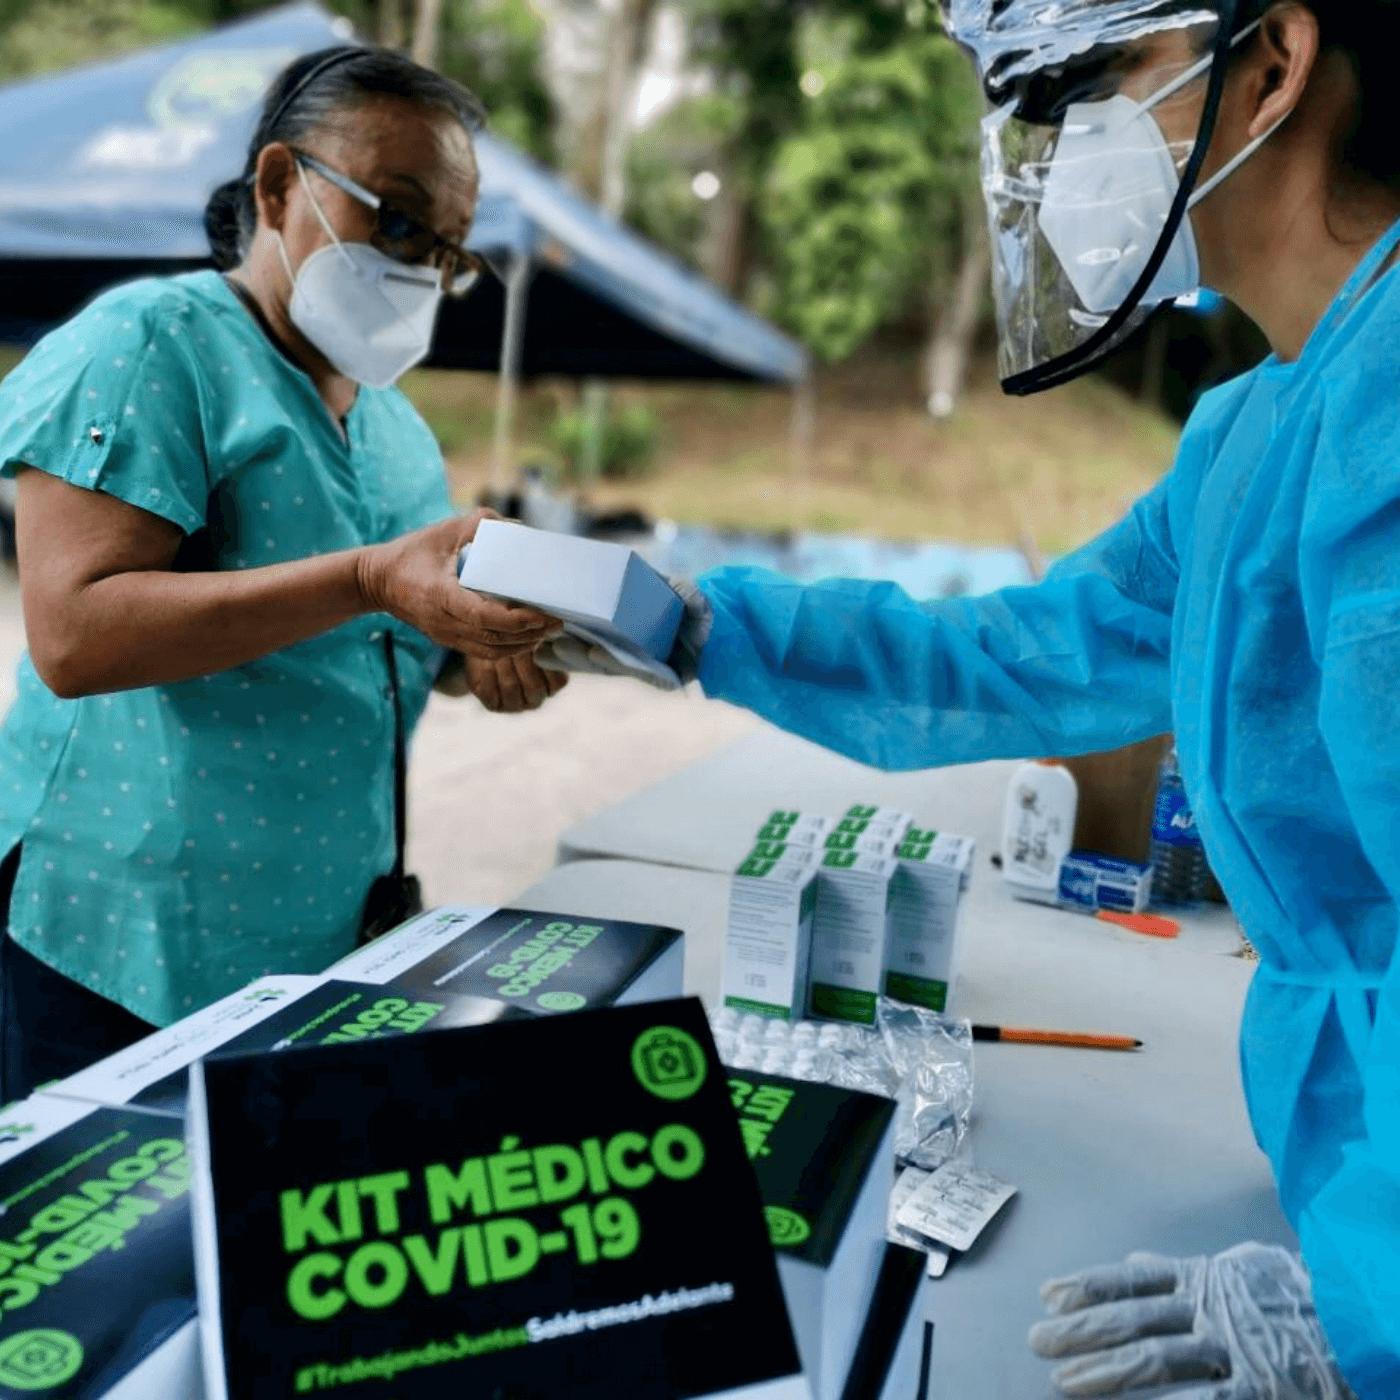 COVID-A El Plan Para Frenar La Covid-19 En Santa Tecla. Kit médico. Fotografía. Roberto d'Aubuisson. 2021